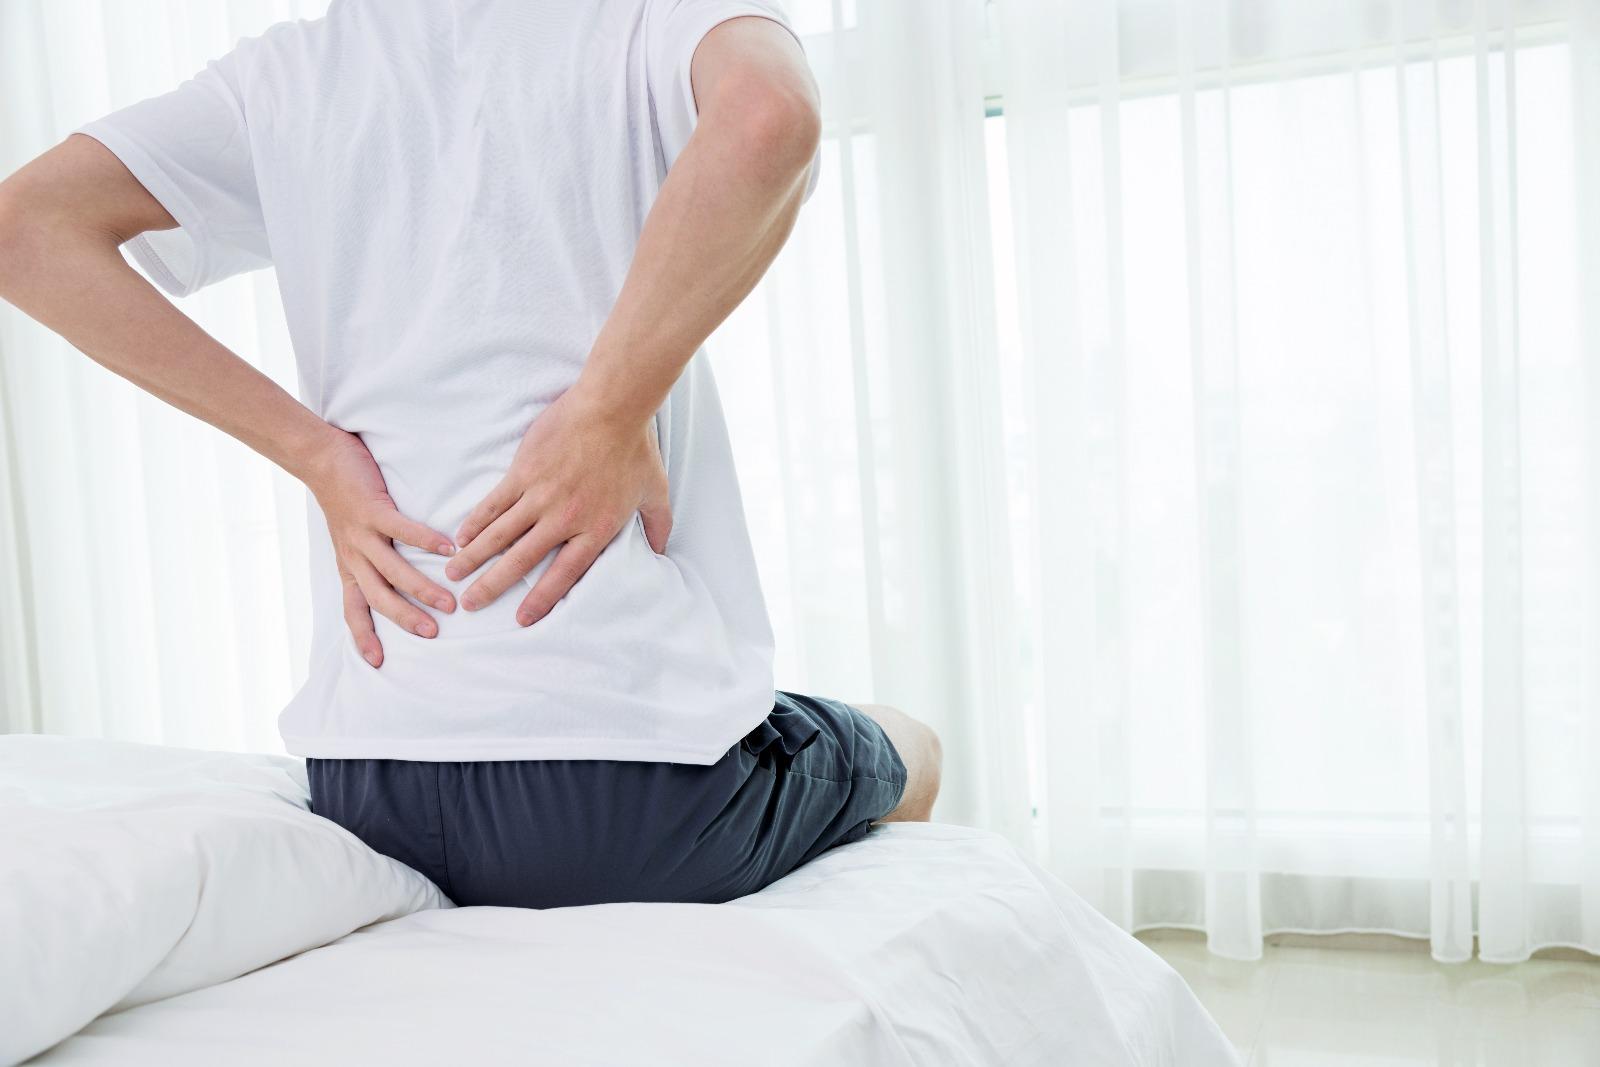 Bandscheibenschäden: Formen, Ursachen und Behandlung